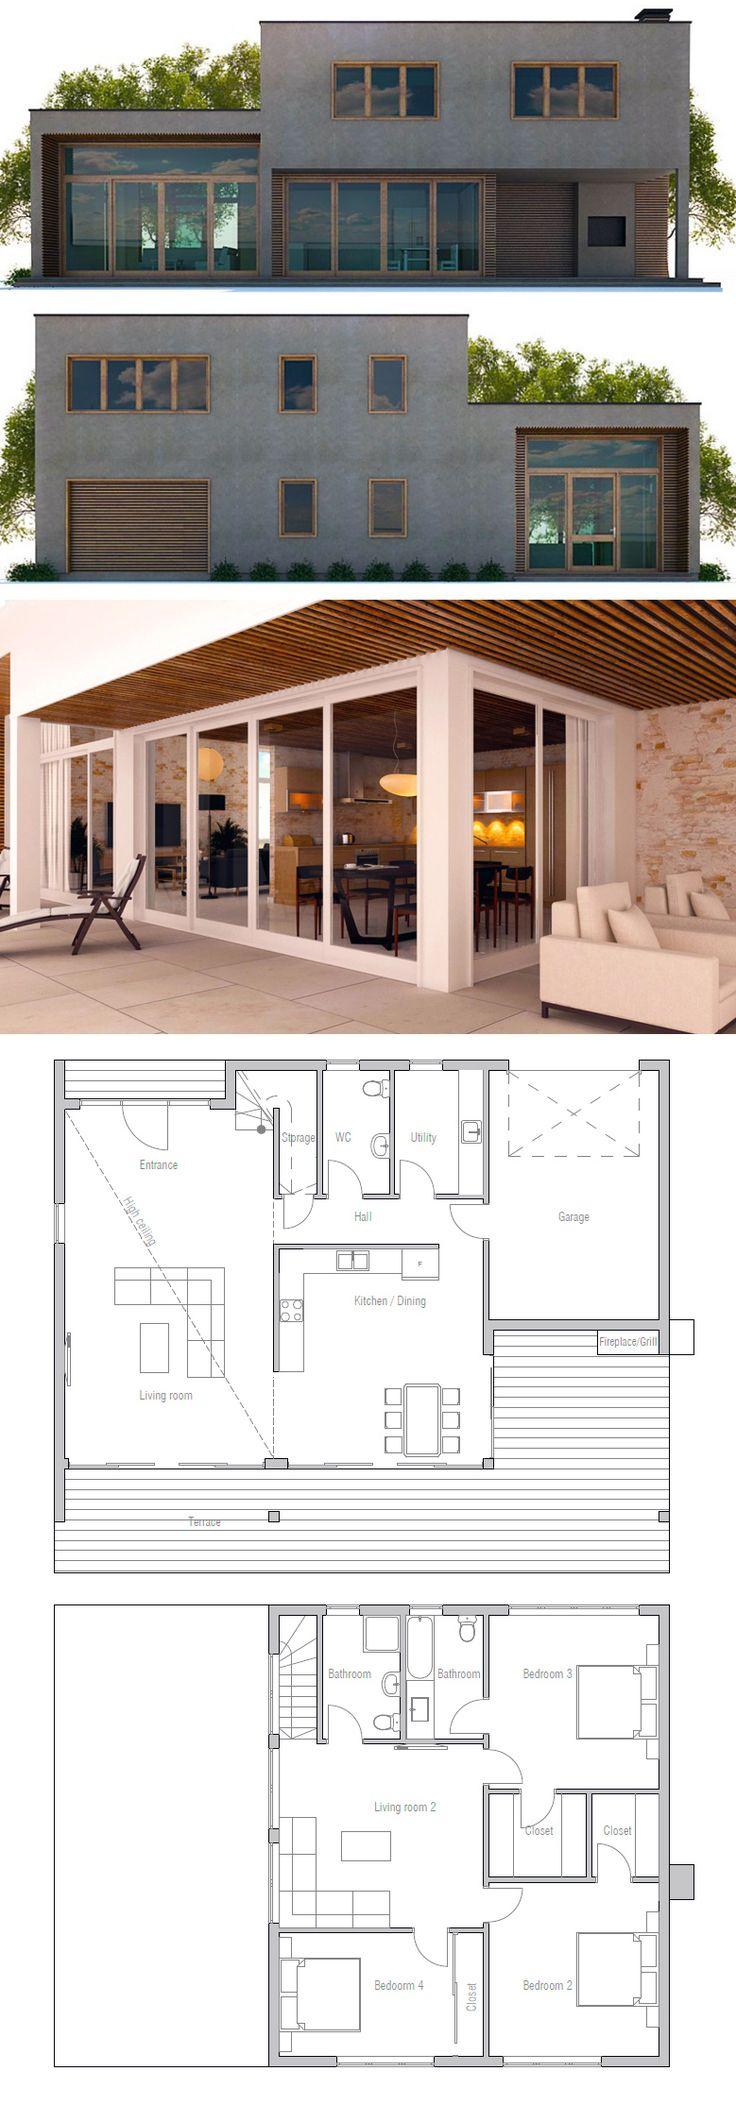 Oltre 25 fantastiche idee su planimetrie di case su pinterest for Minimal house plan